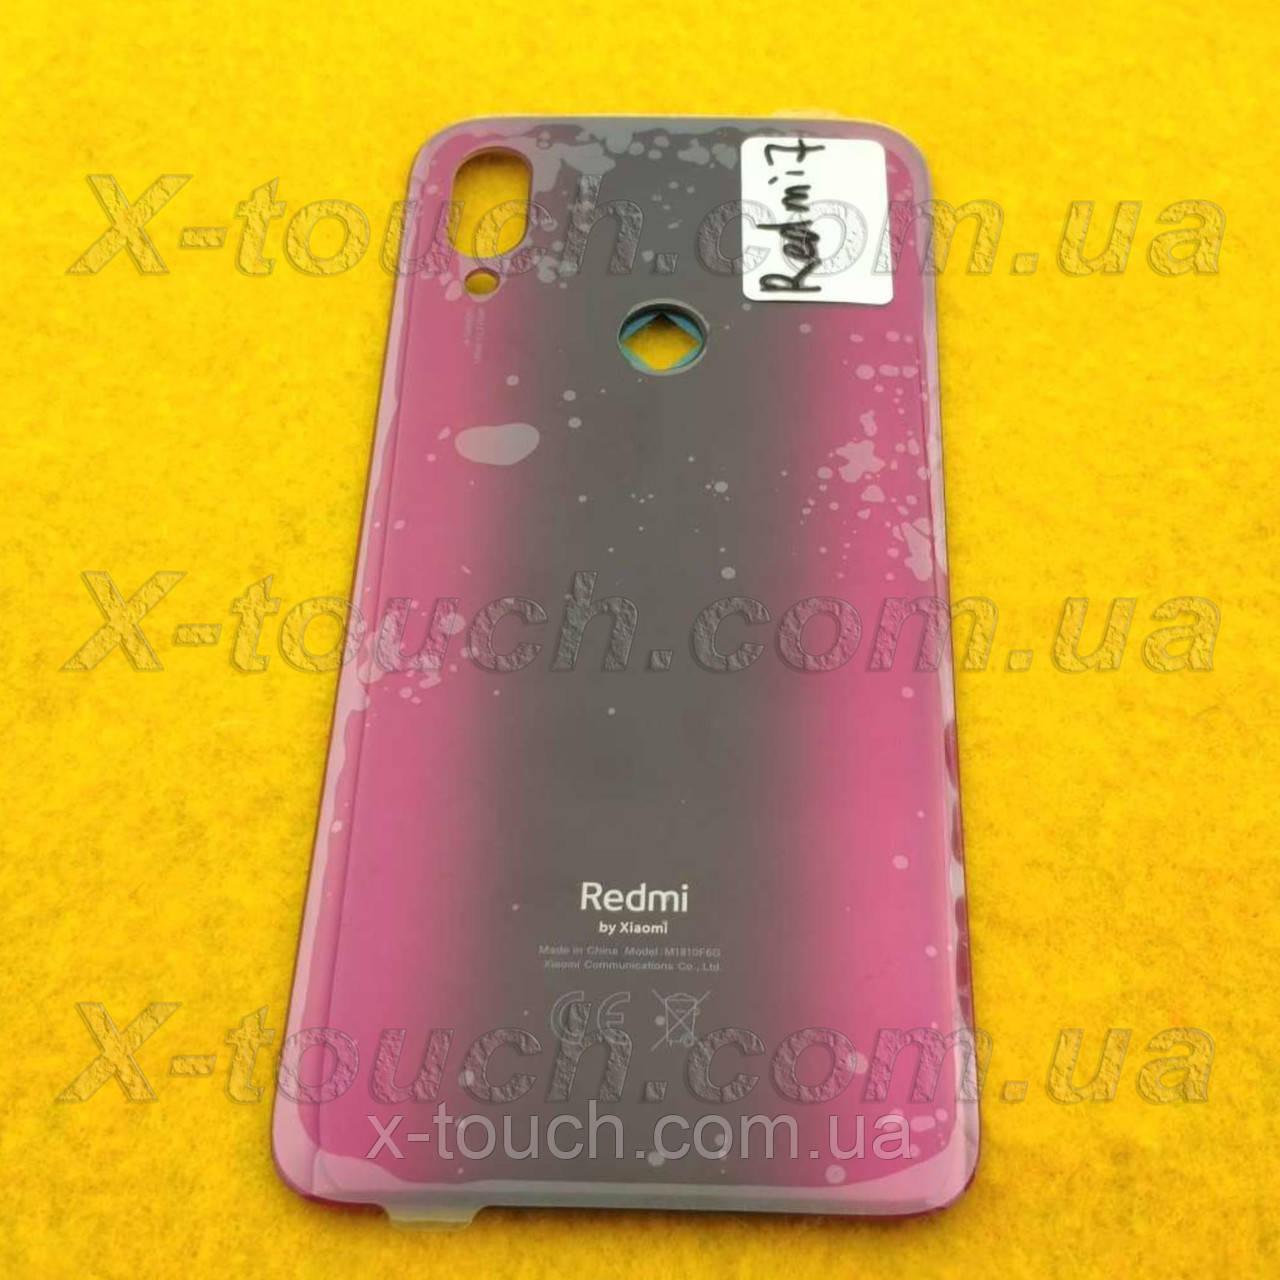 Xiaomi Redmi 7 задняя крышка для телефона, красного цвета.